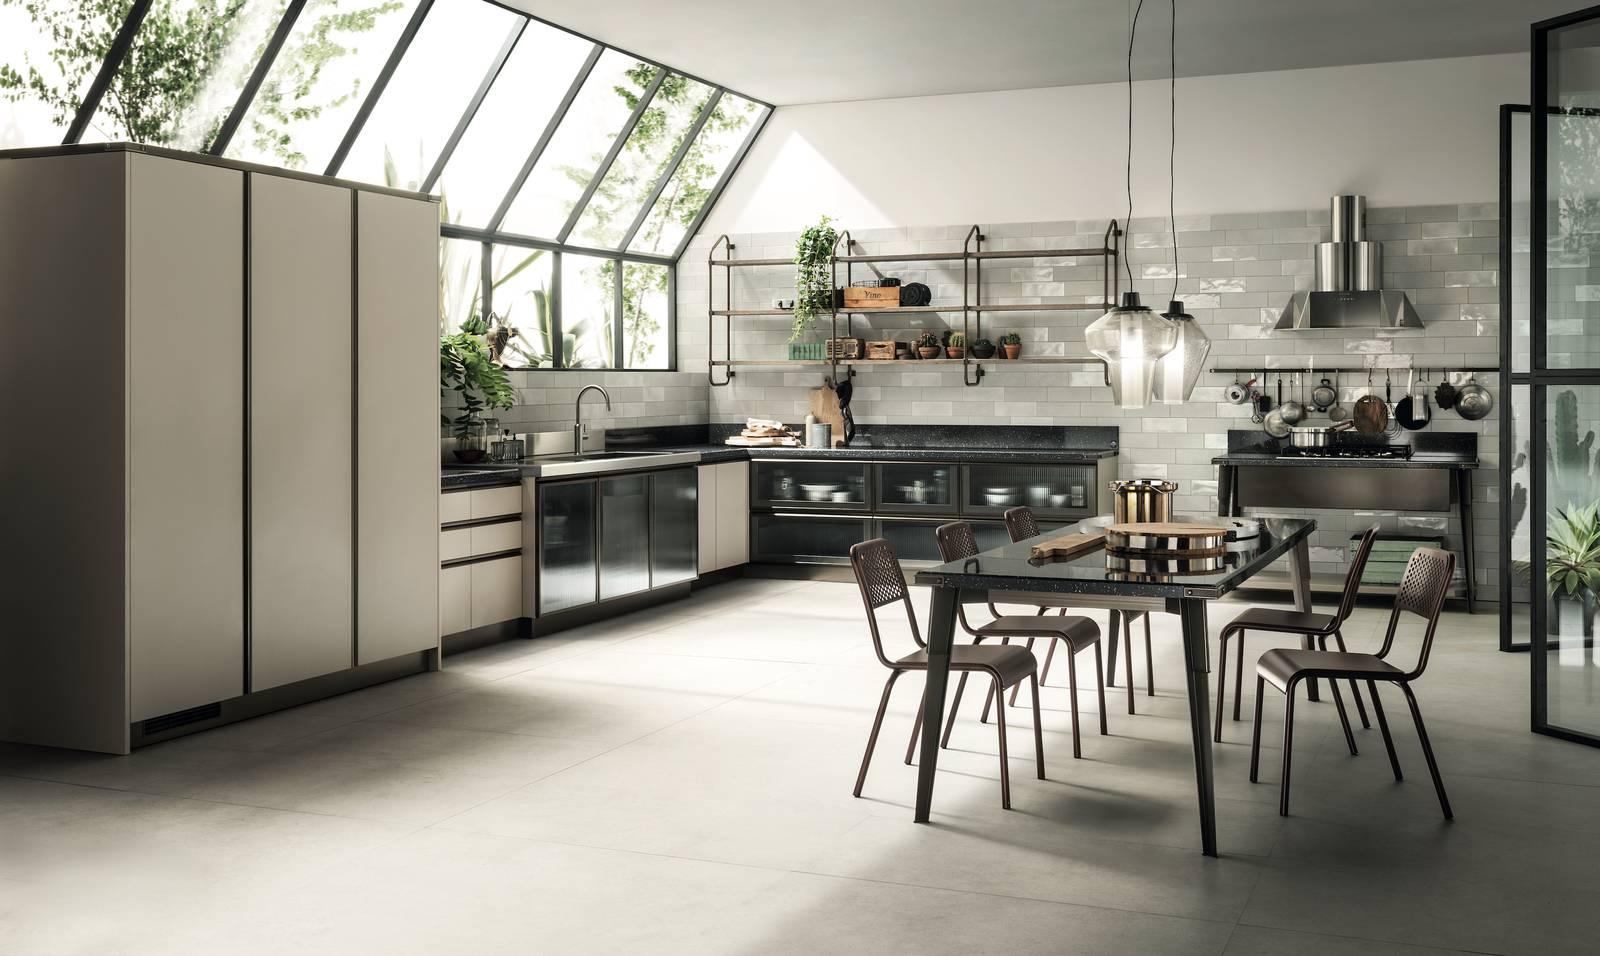 Cucine in stile industrial in legno o laccata